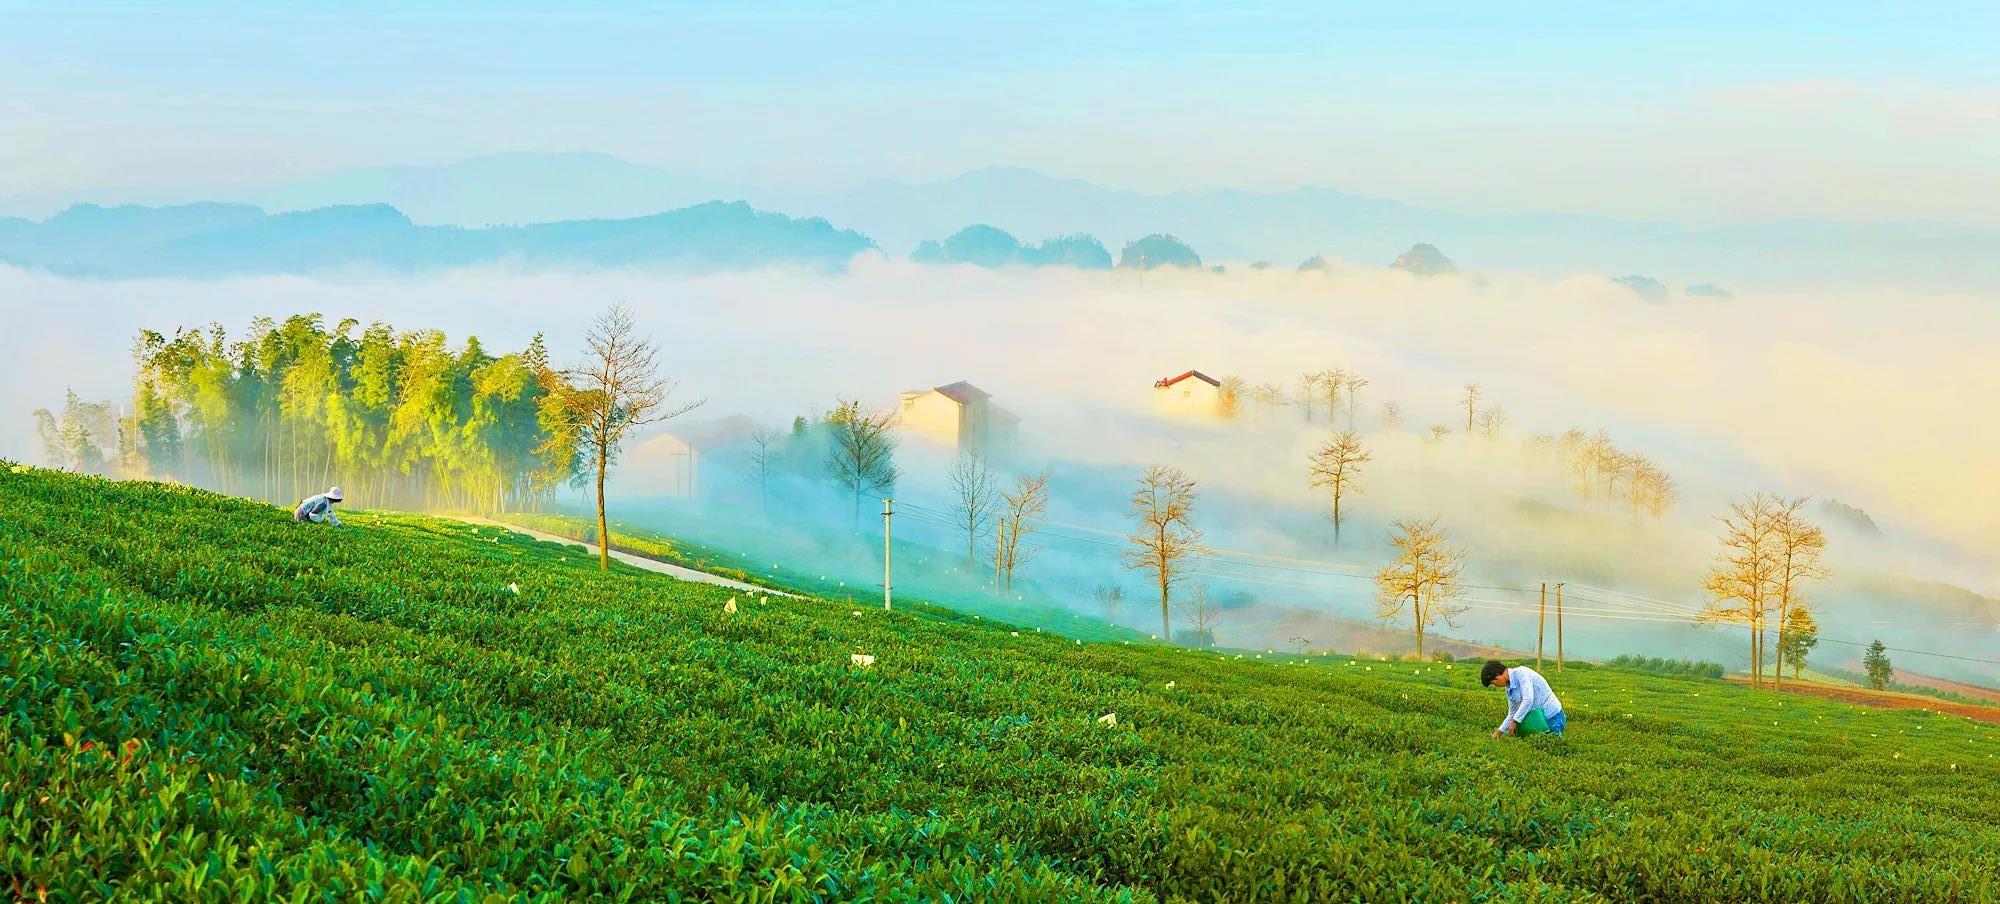 绍兴新昌县:被唐代诗人青睐的山水秘境